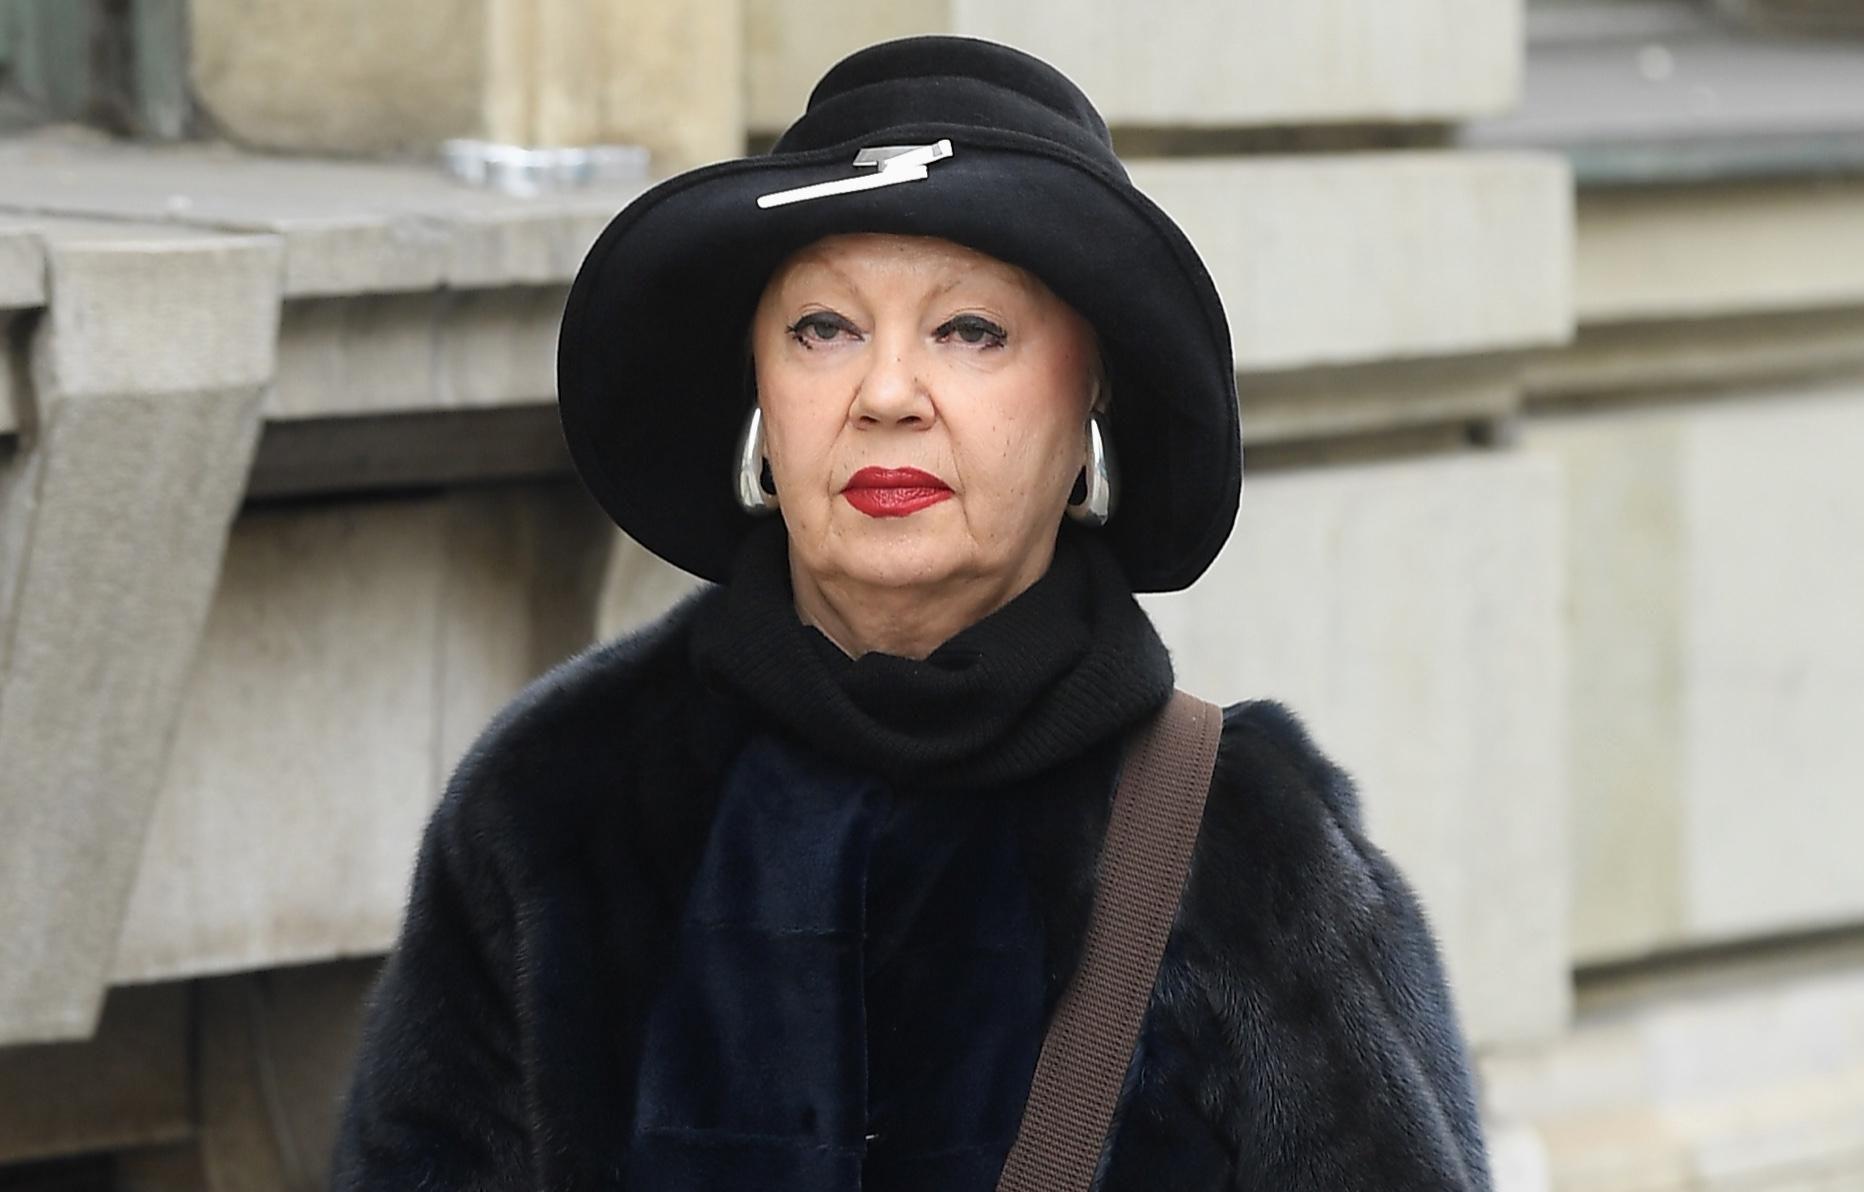 Ova gospođa zna u koji modni dodatak vrijedi investirati